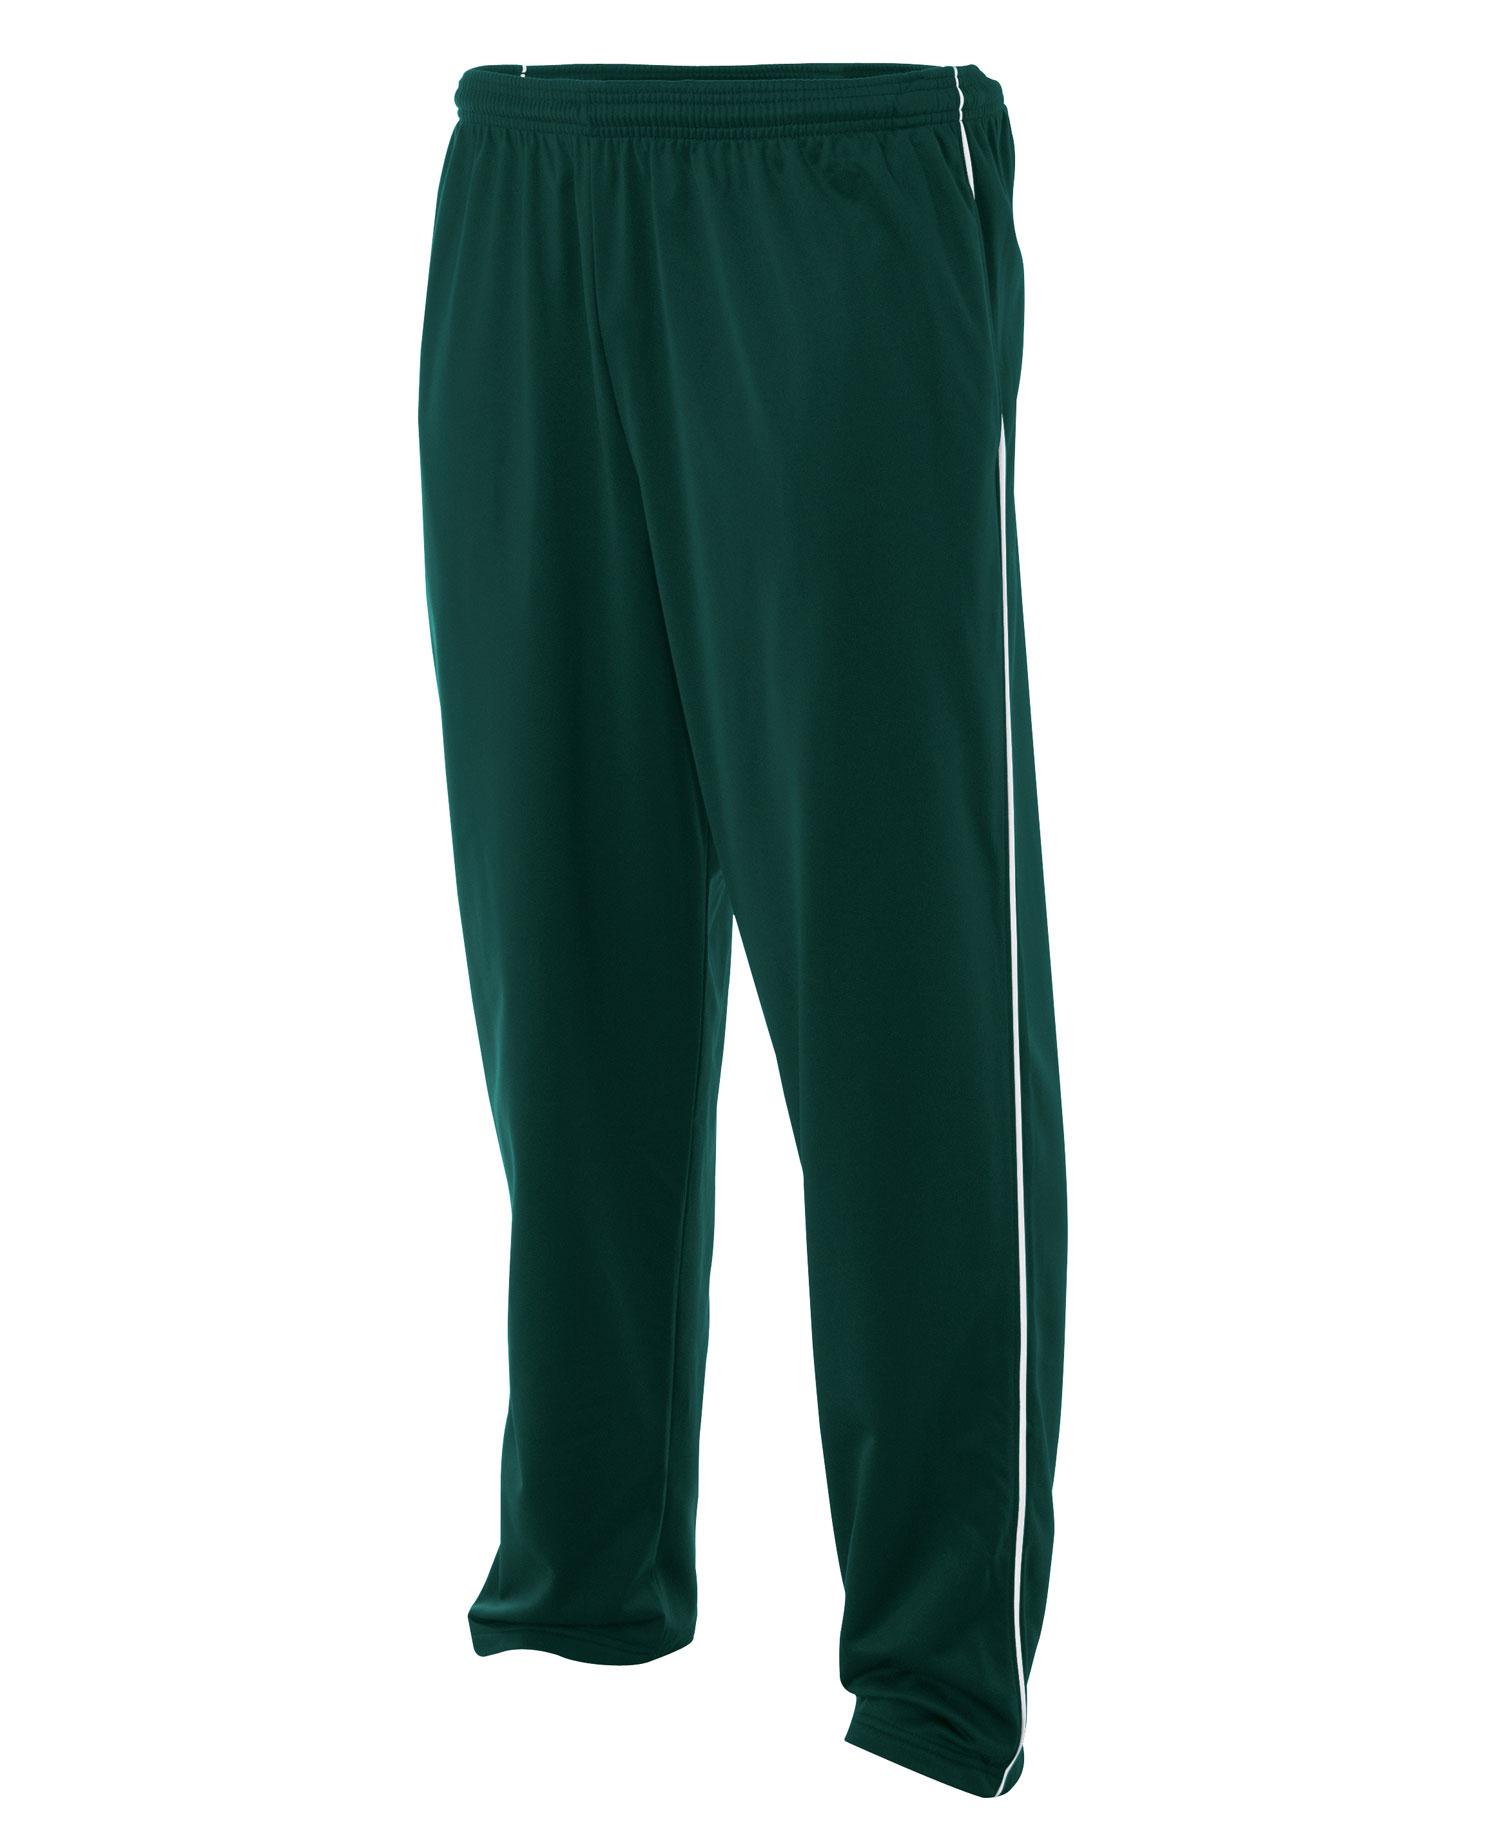 A4 Drop Ship - N6179 Men's Pant With Zippered Leg